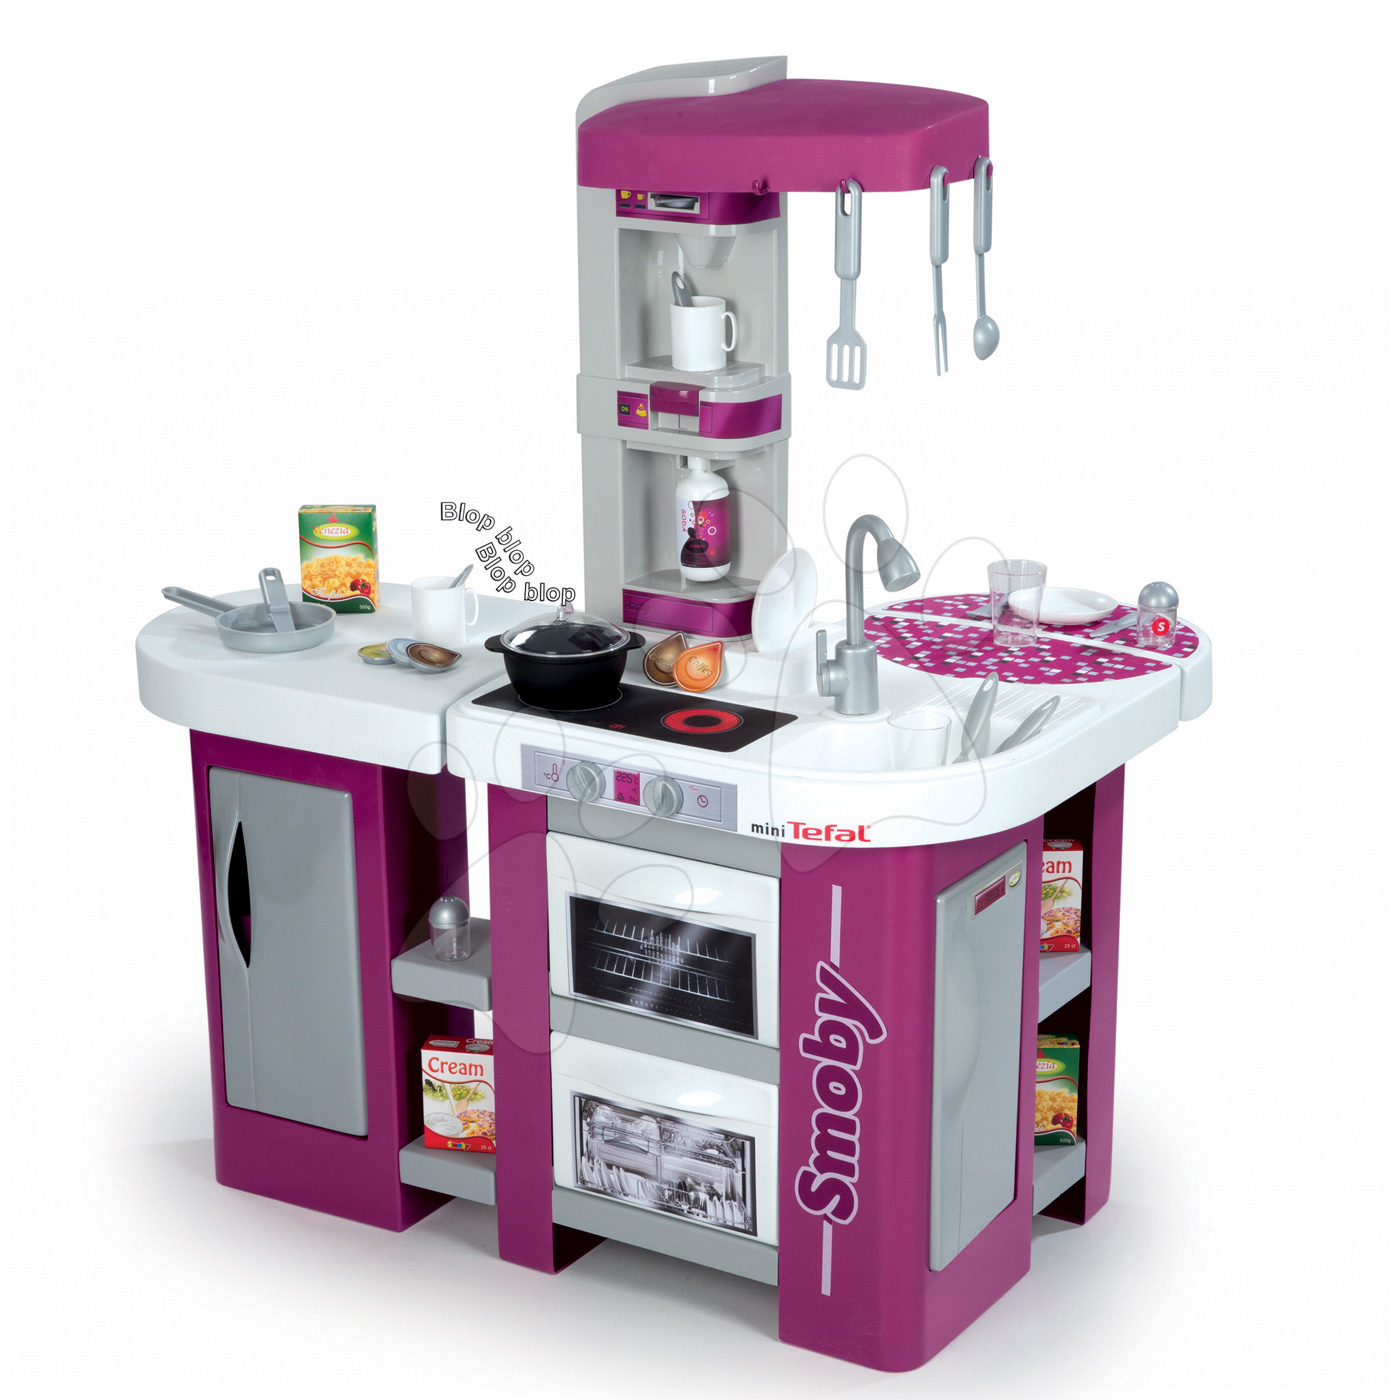 Kuchyňka Studio XL Tefal Smoby elektronická se zvuky, se sodou, ledničkou a 32 doplňky fialová